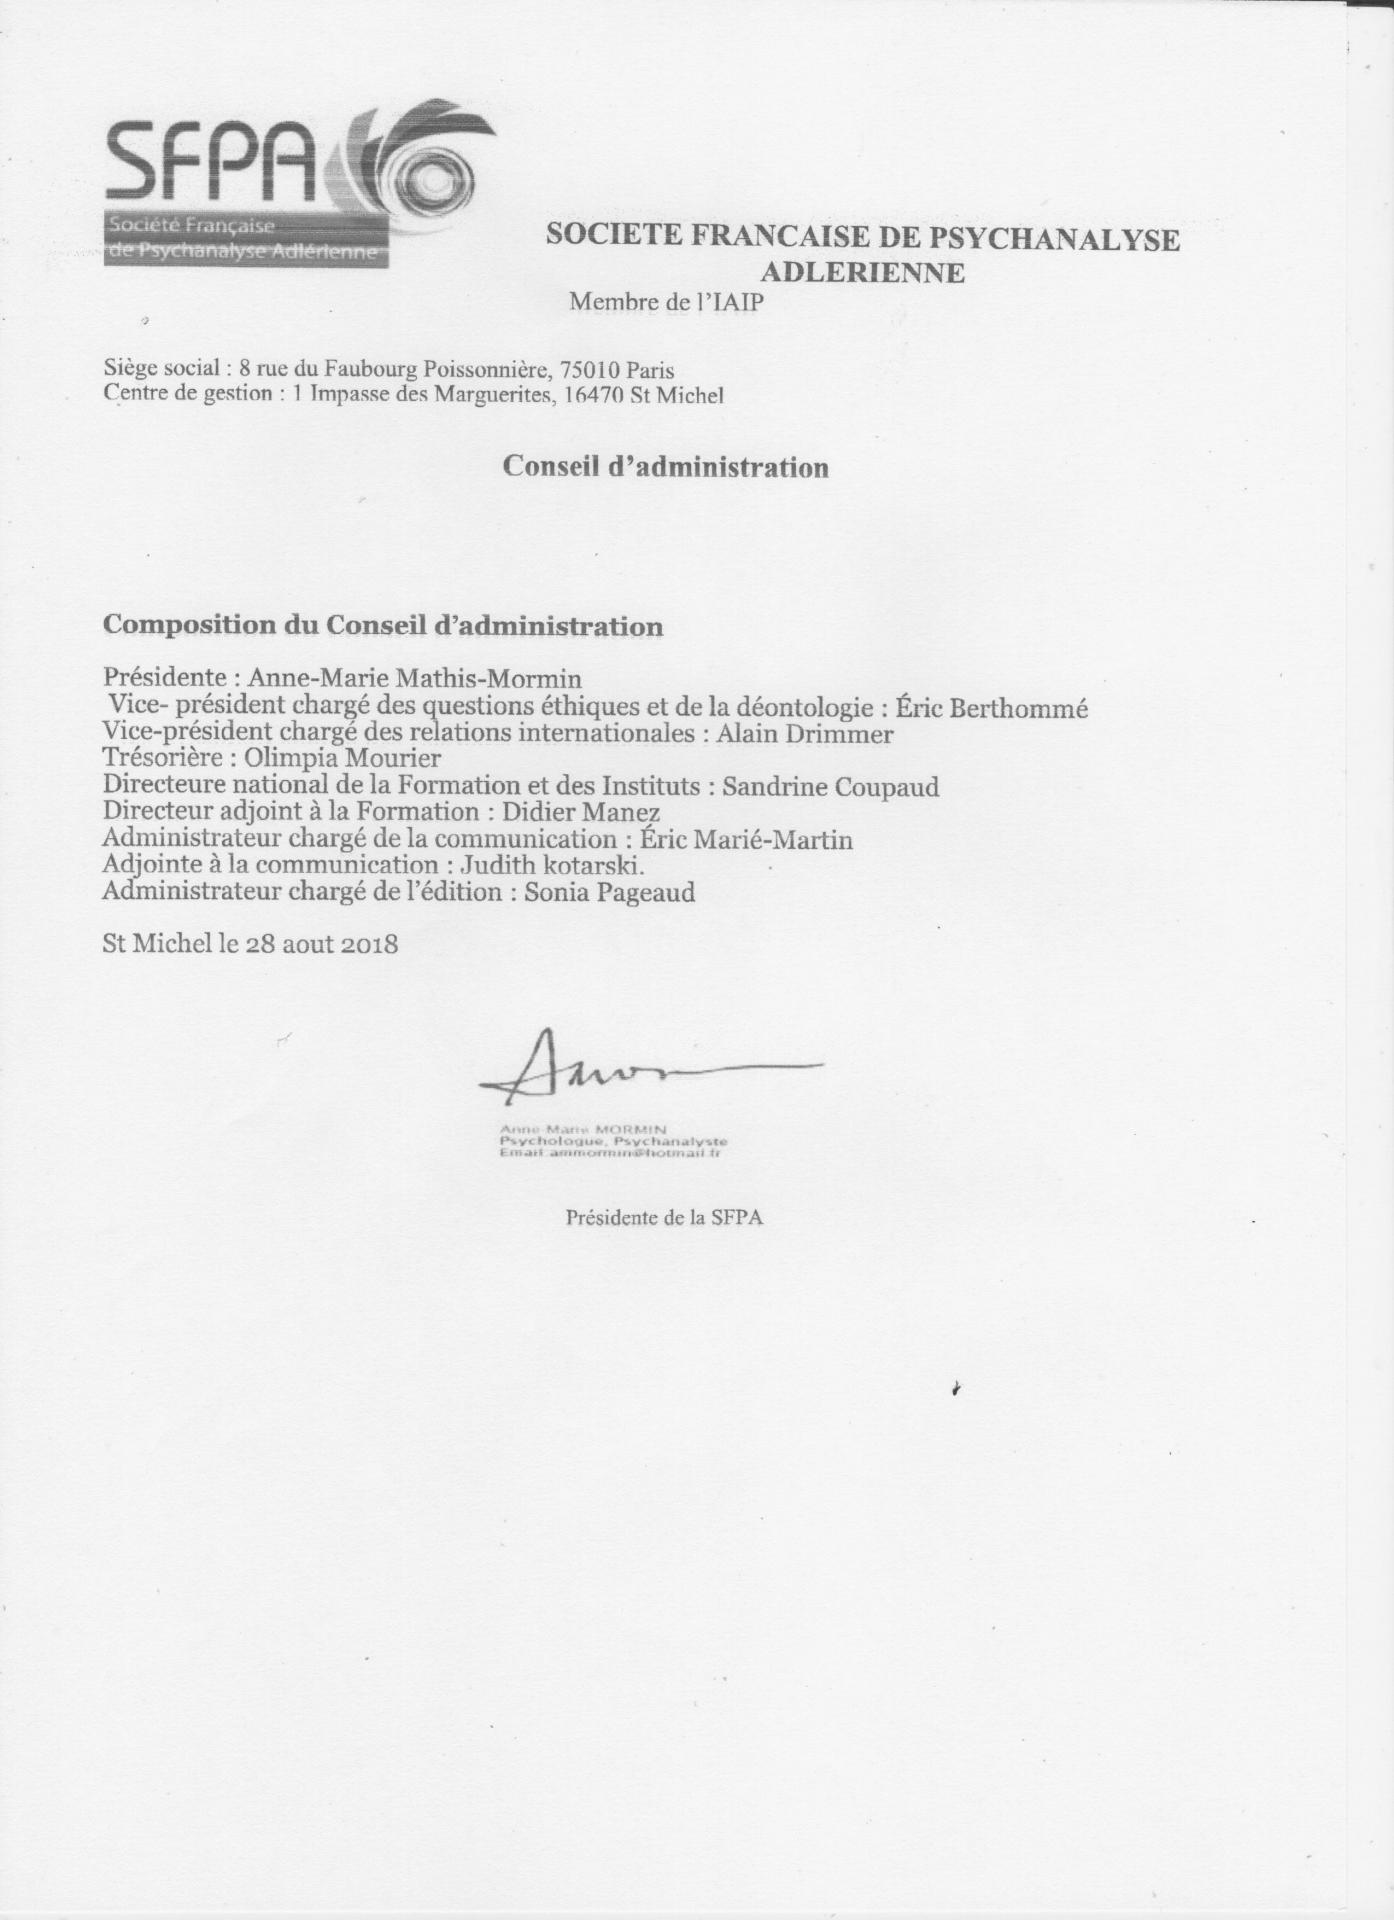 Composition du conseil d administration sfpa 001